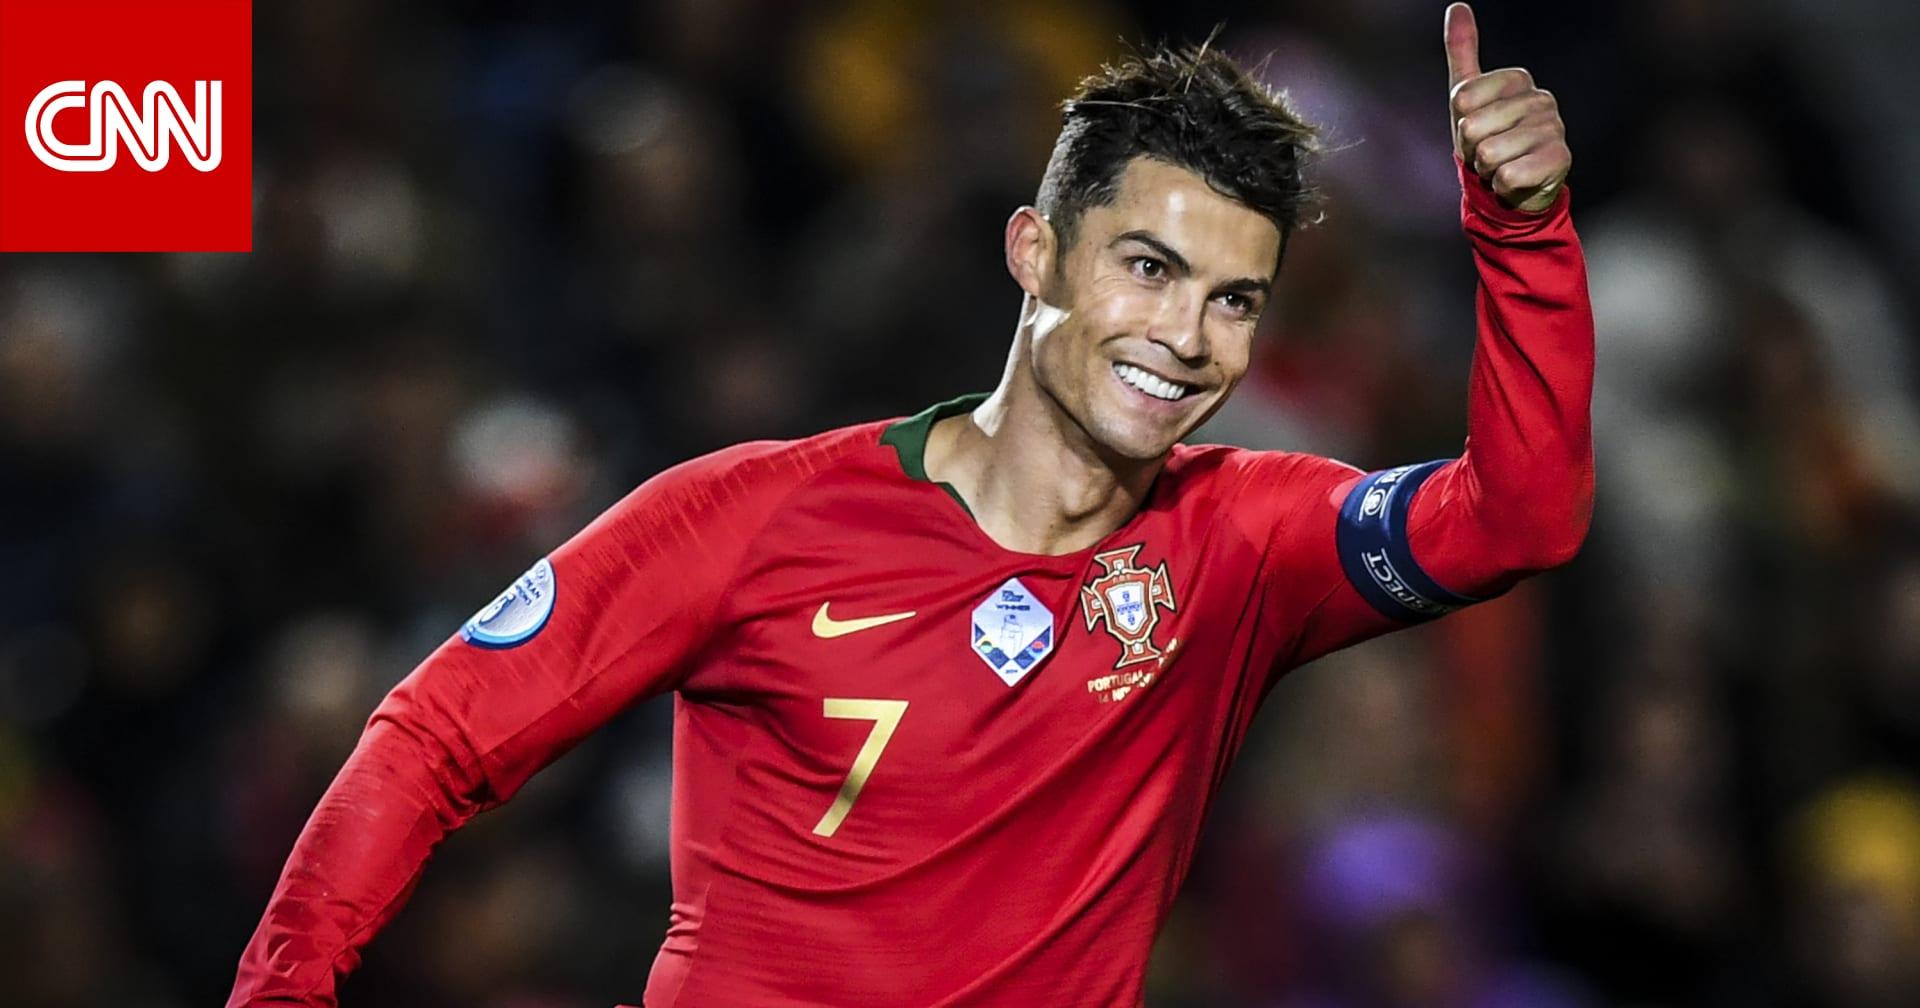 رونالدو يحطم الرقم القياسي بعدد الأهداف الدولية